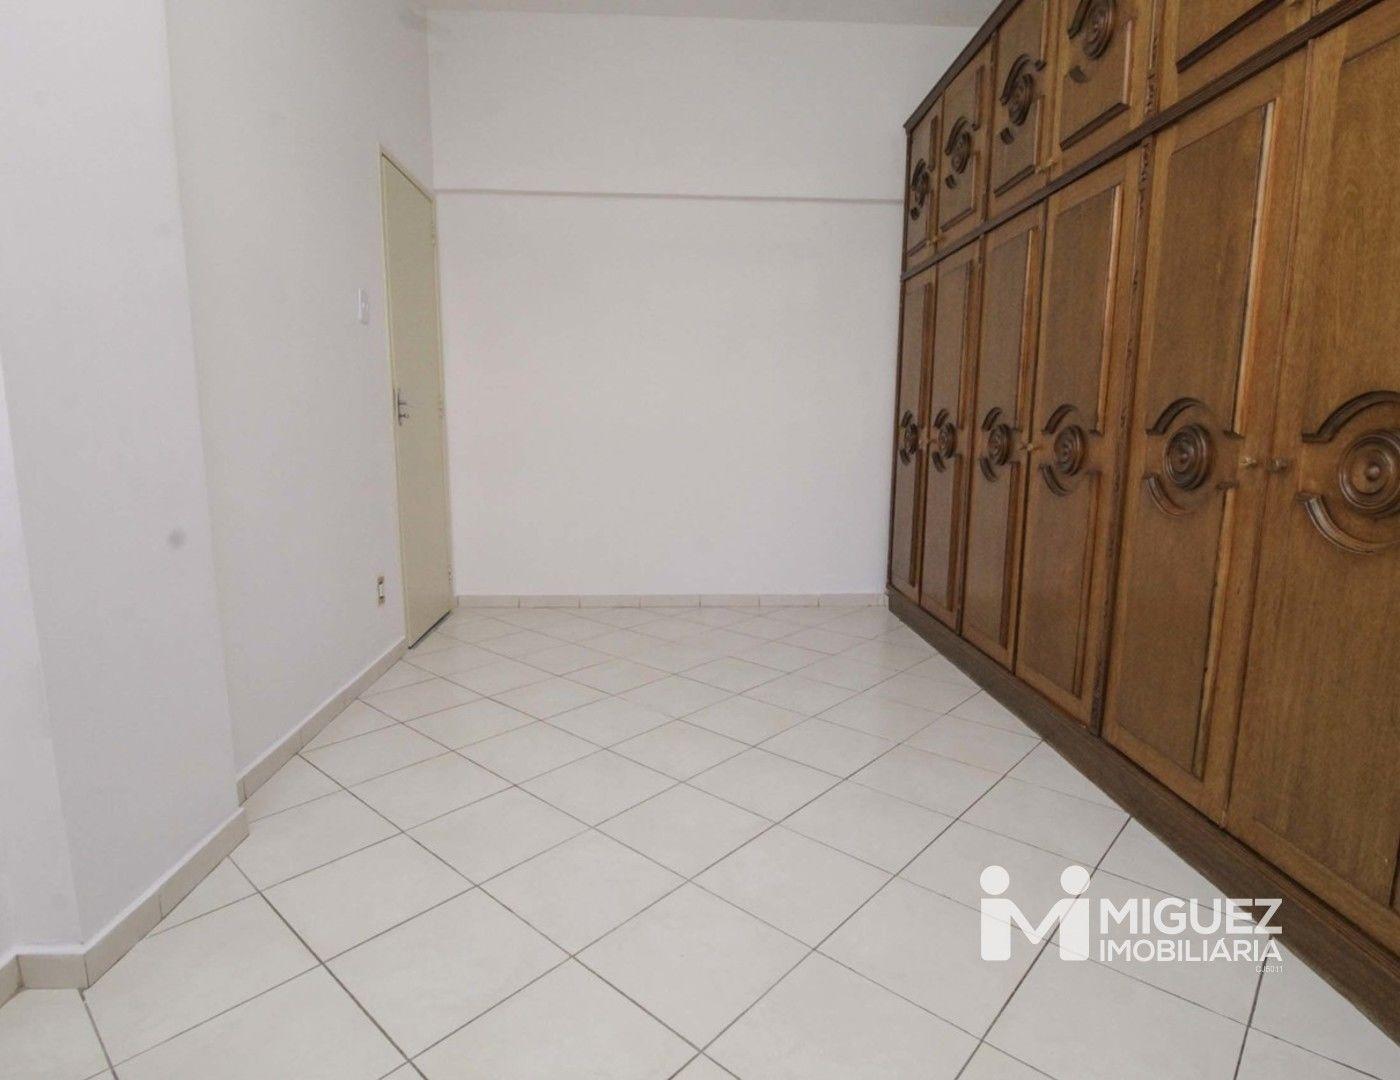 Apartamento, aluguel, Rua Desembargador Isidro - Tijuca , Rio de janeiro